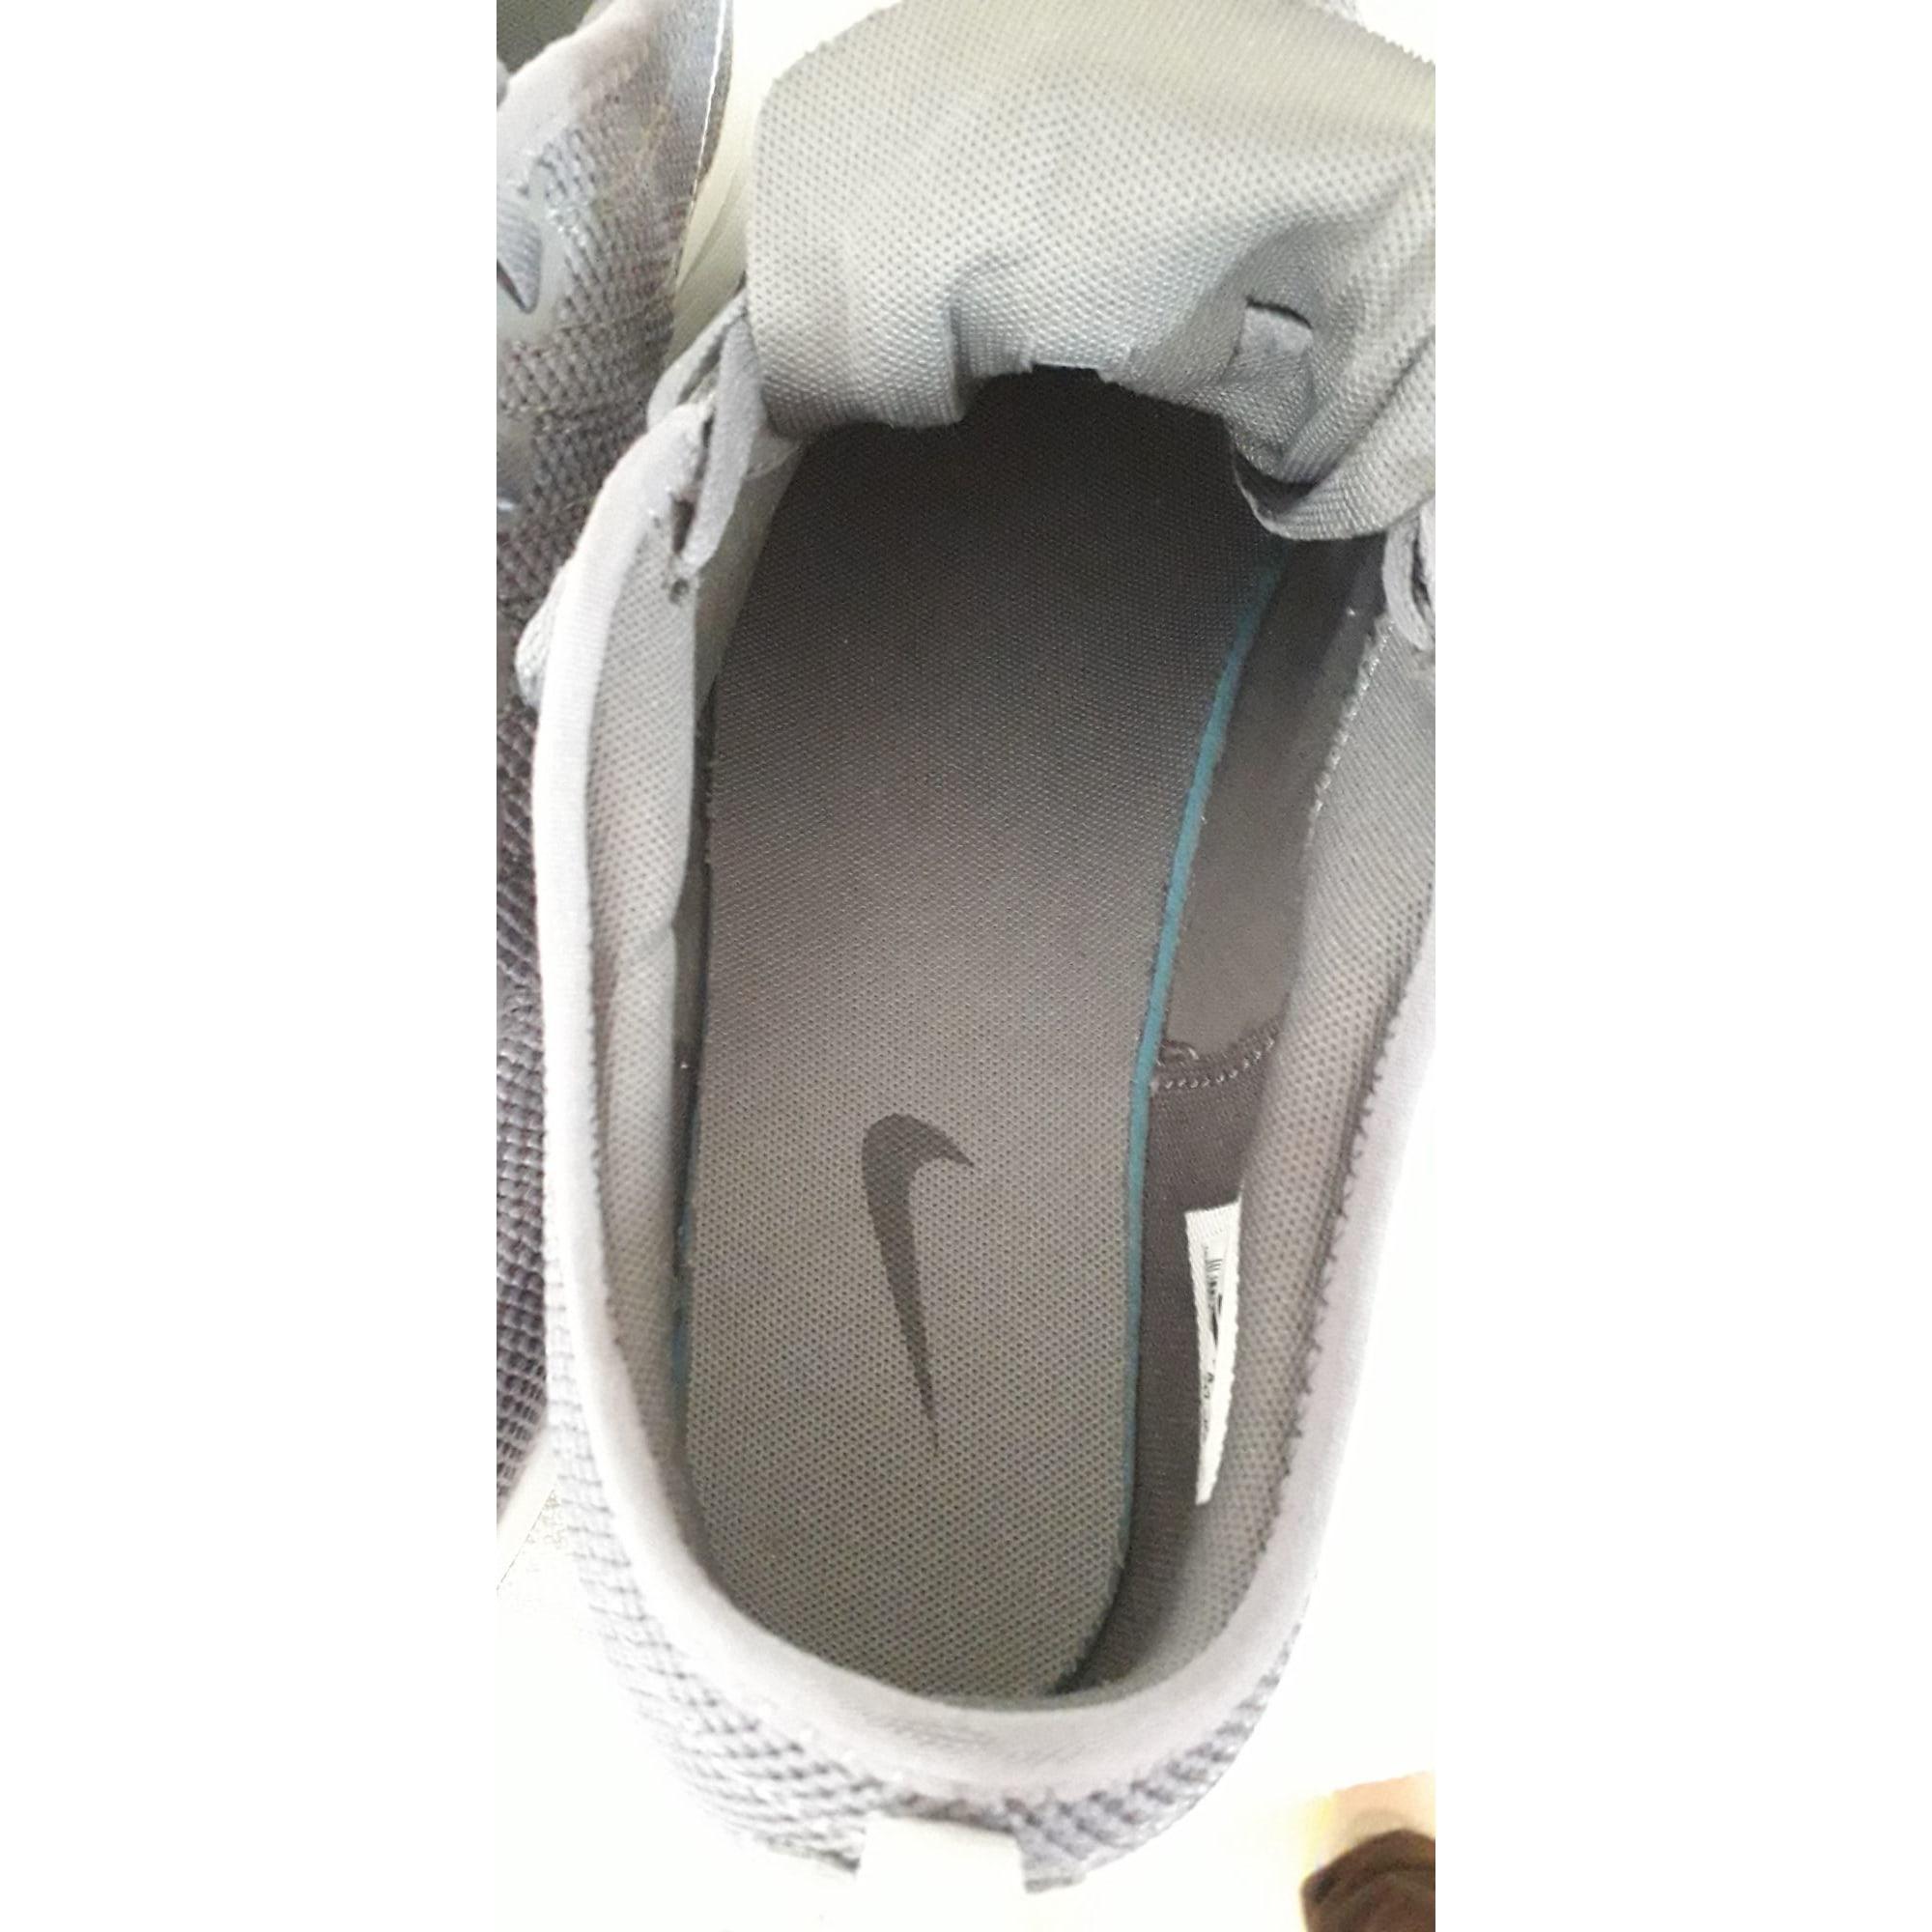 Baskets synthétique gris Nike pour homme en coloris Gris Dlei